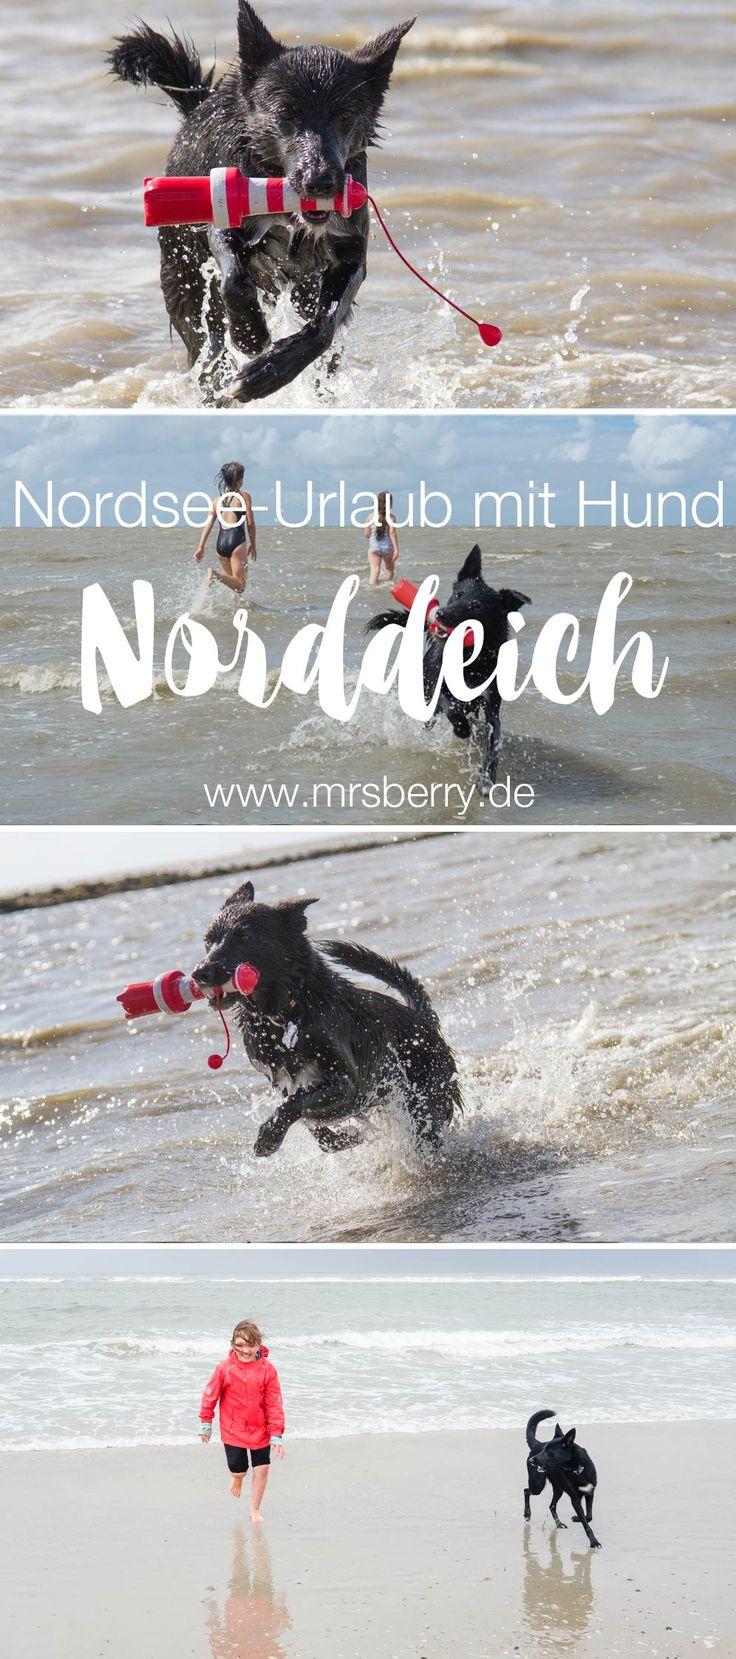 Nordsee Urlaub mit Hund und Kind | 16 Freizeittipps für Familien in Norddeich und Umgebung | mit tollem Hundestrand an der Nordsee